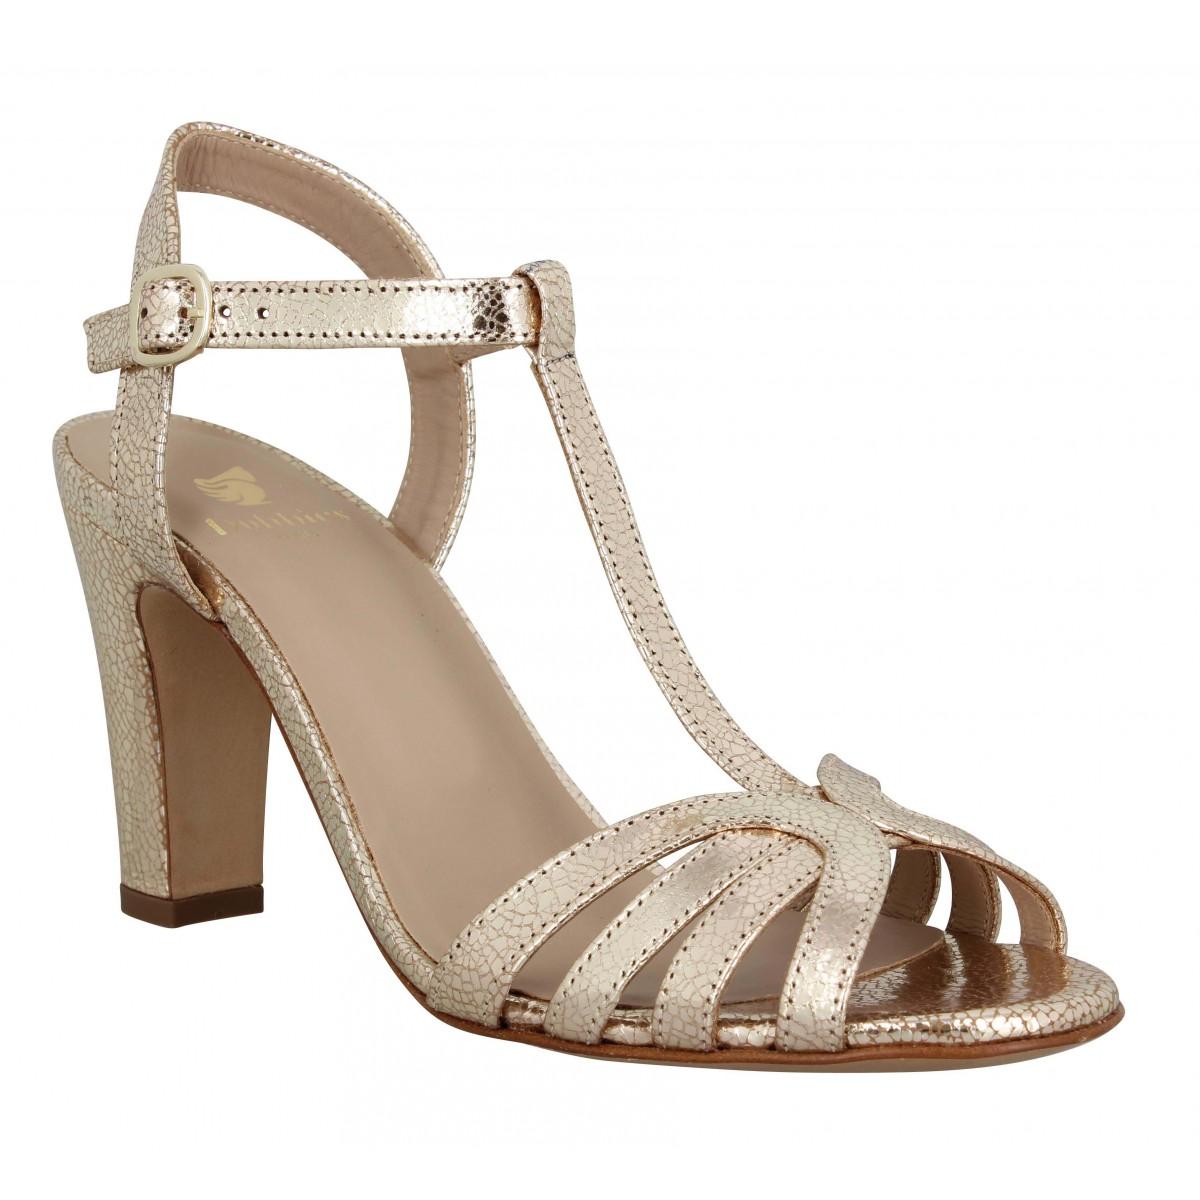 Sandales talons BOBBIES La Ravissante cuir craquele Femme Dore